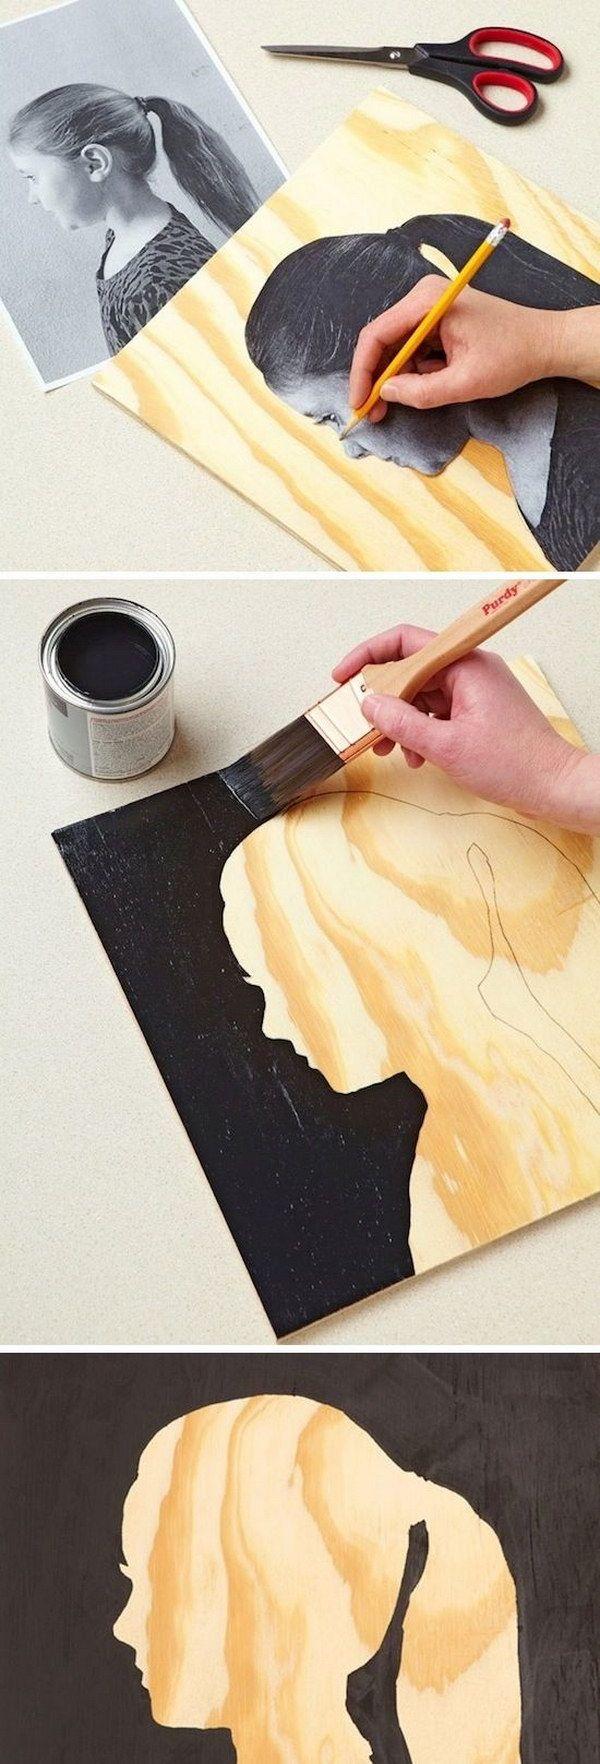 Cuadro de ti | Manualidades/Decoración | Pinterest | Silhouettes ...